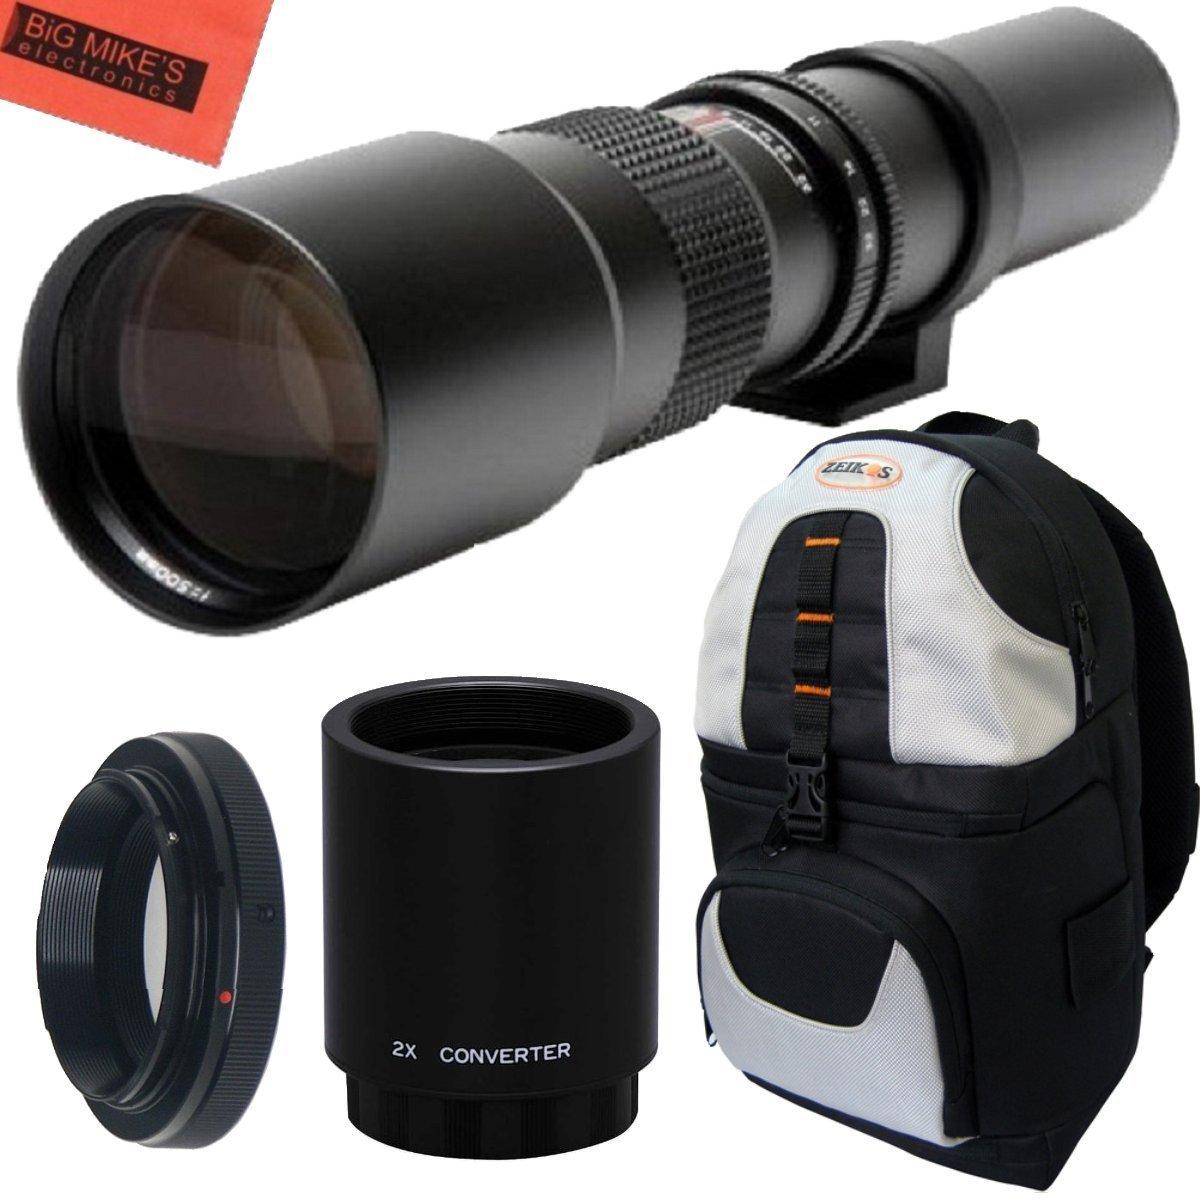 高電力500 mm/ DSLR 1000 mm/ F// 8手動望遠レンズ+デラックスSLRバックパックfor Nikon d90、d80、d70、d60、d40、d40 X、d3 X、d3s、d3000、d3100、d3200、d3300、d5000、d5100、d5200 , d5300 , d5500 , d7000、d7100、d7200、d300、d300s、d600、d610、d700、d750、d800、d800e、d810、d810 a DSLR B00NC38AKO, GLOBAL MOTO:7eee14c1 --- ijpba.info